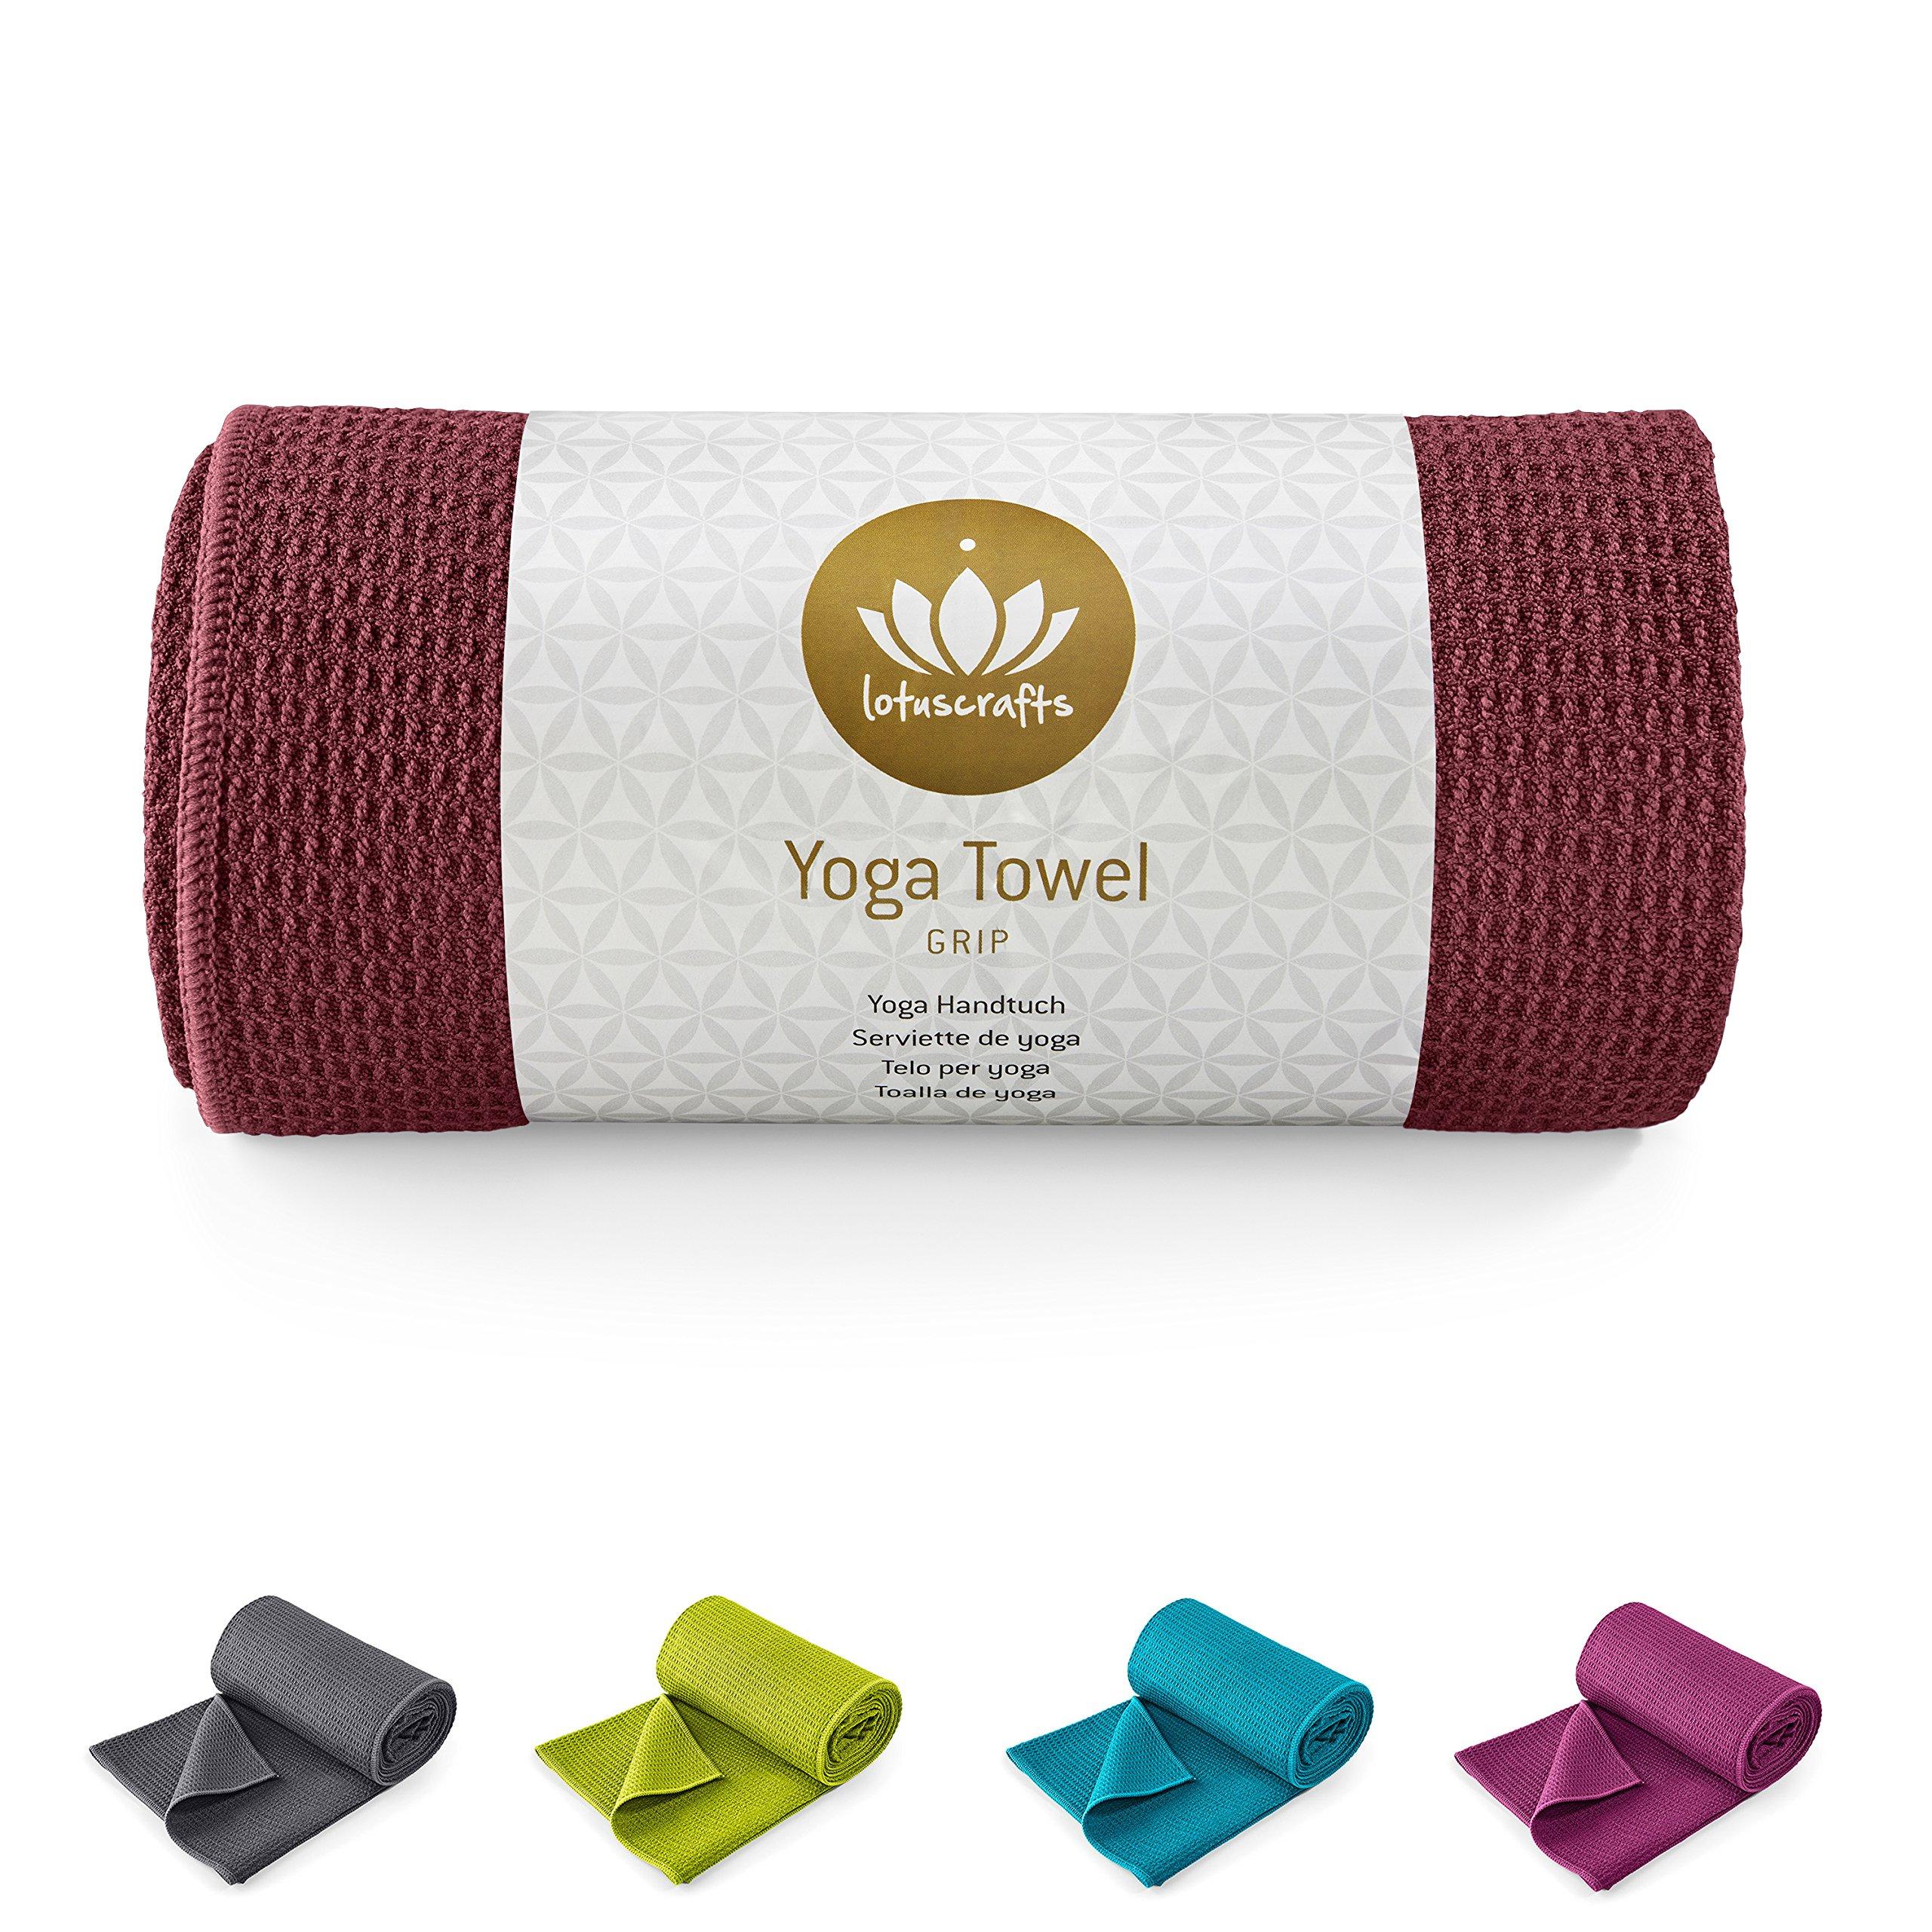 Lotuscrafts - GRIP - Toalla para hacer yoga - Antideslizante - 183 x 61 cm (